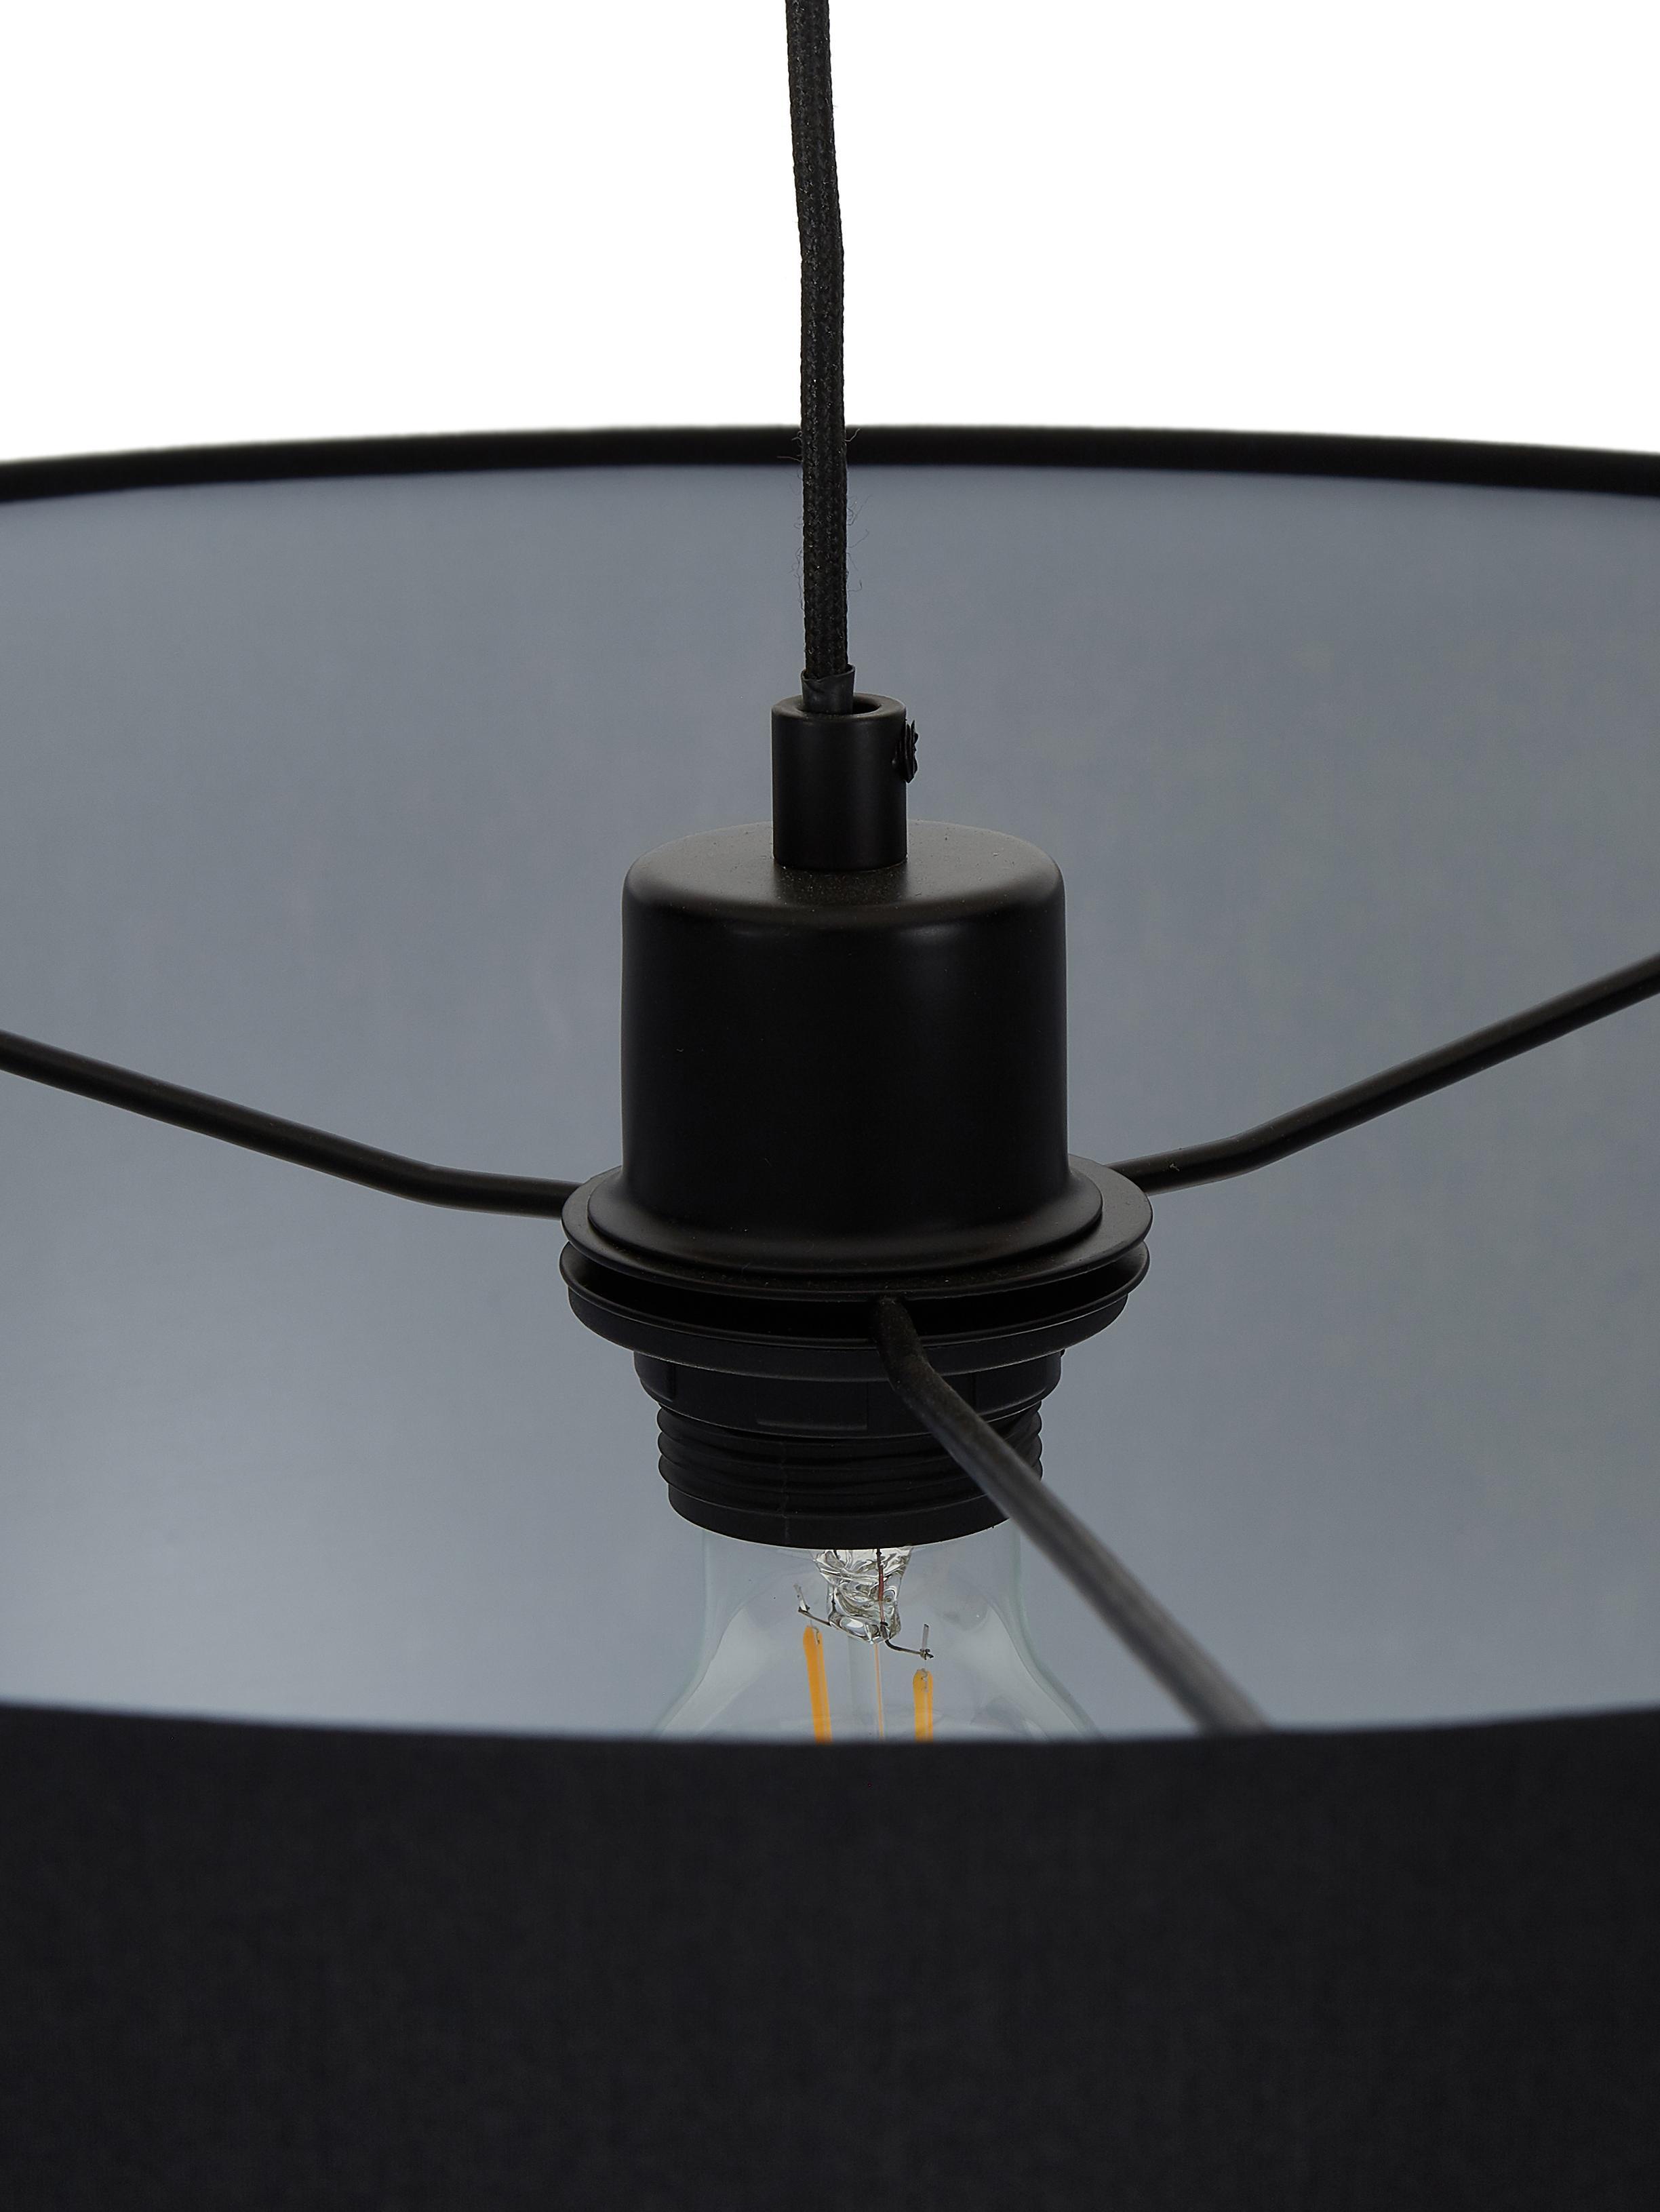 Lampada da terra ad arco Niels, Base della lampada: metallo verniciato a polv, Paralume: miscela di cotone, Paralume: nero Base della lampada: nero opaco Cavo: nero, Larg. 157 x Alt. 218 cm